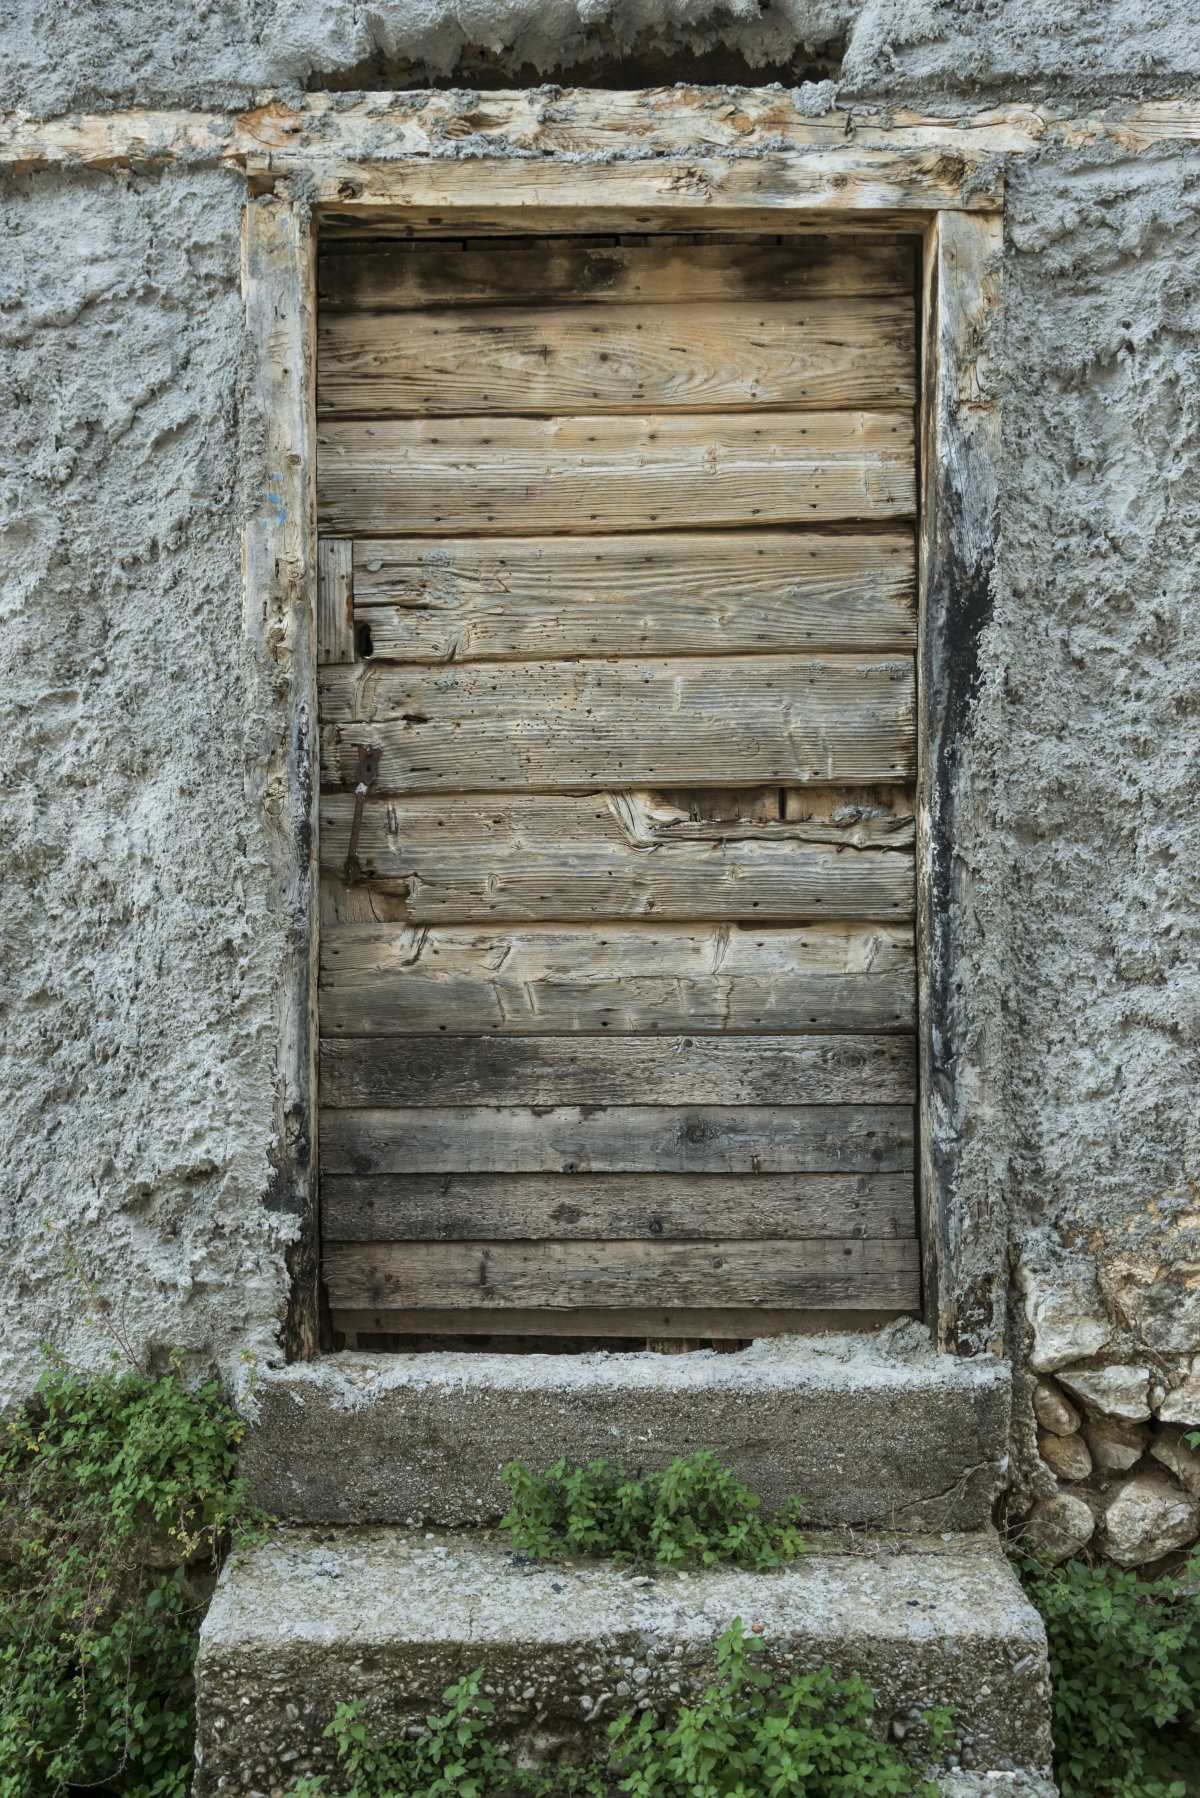 Χάρμαινα, Άμφισσα, παραθυρο ξύλινο